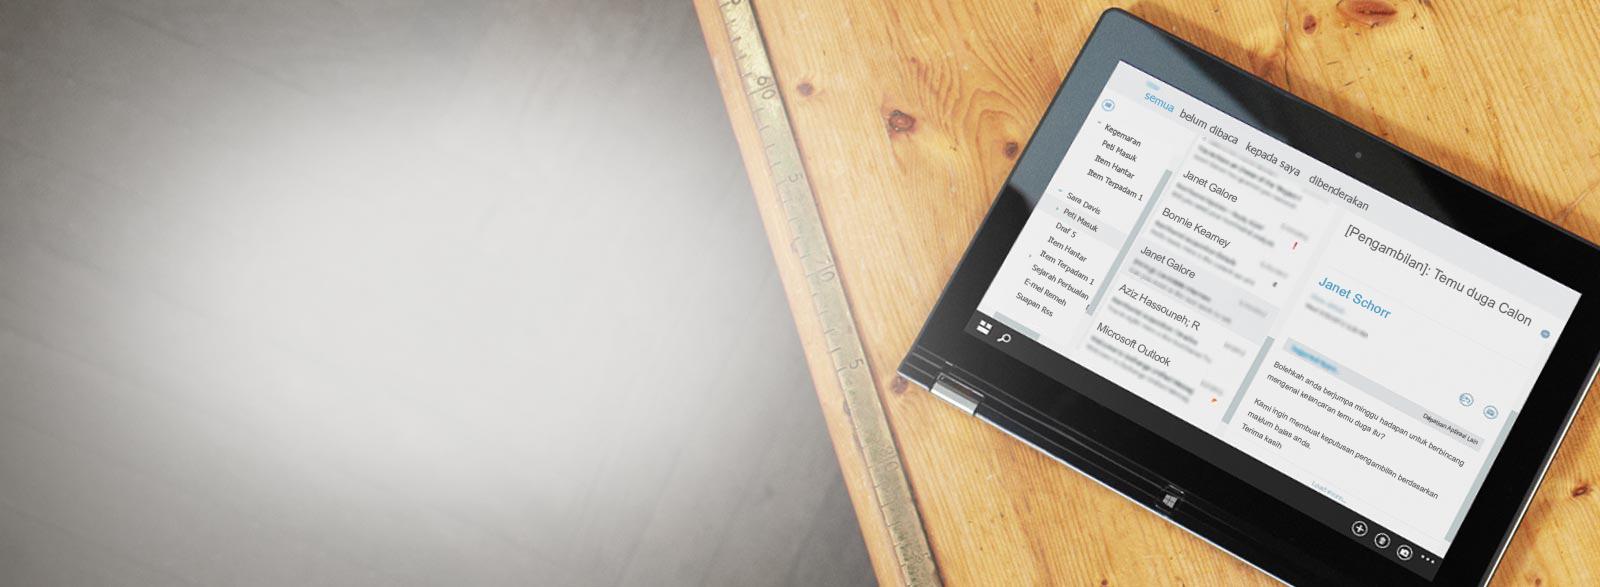 Tablet di atas meja, menunjukkan tangkapan dekat peti masuk e-mel perniagaan, dikuasai oleh Exchange.